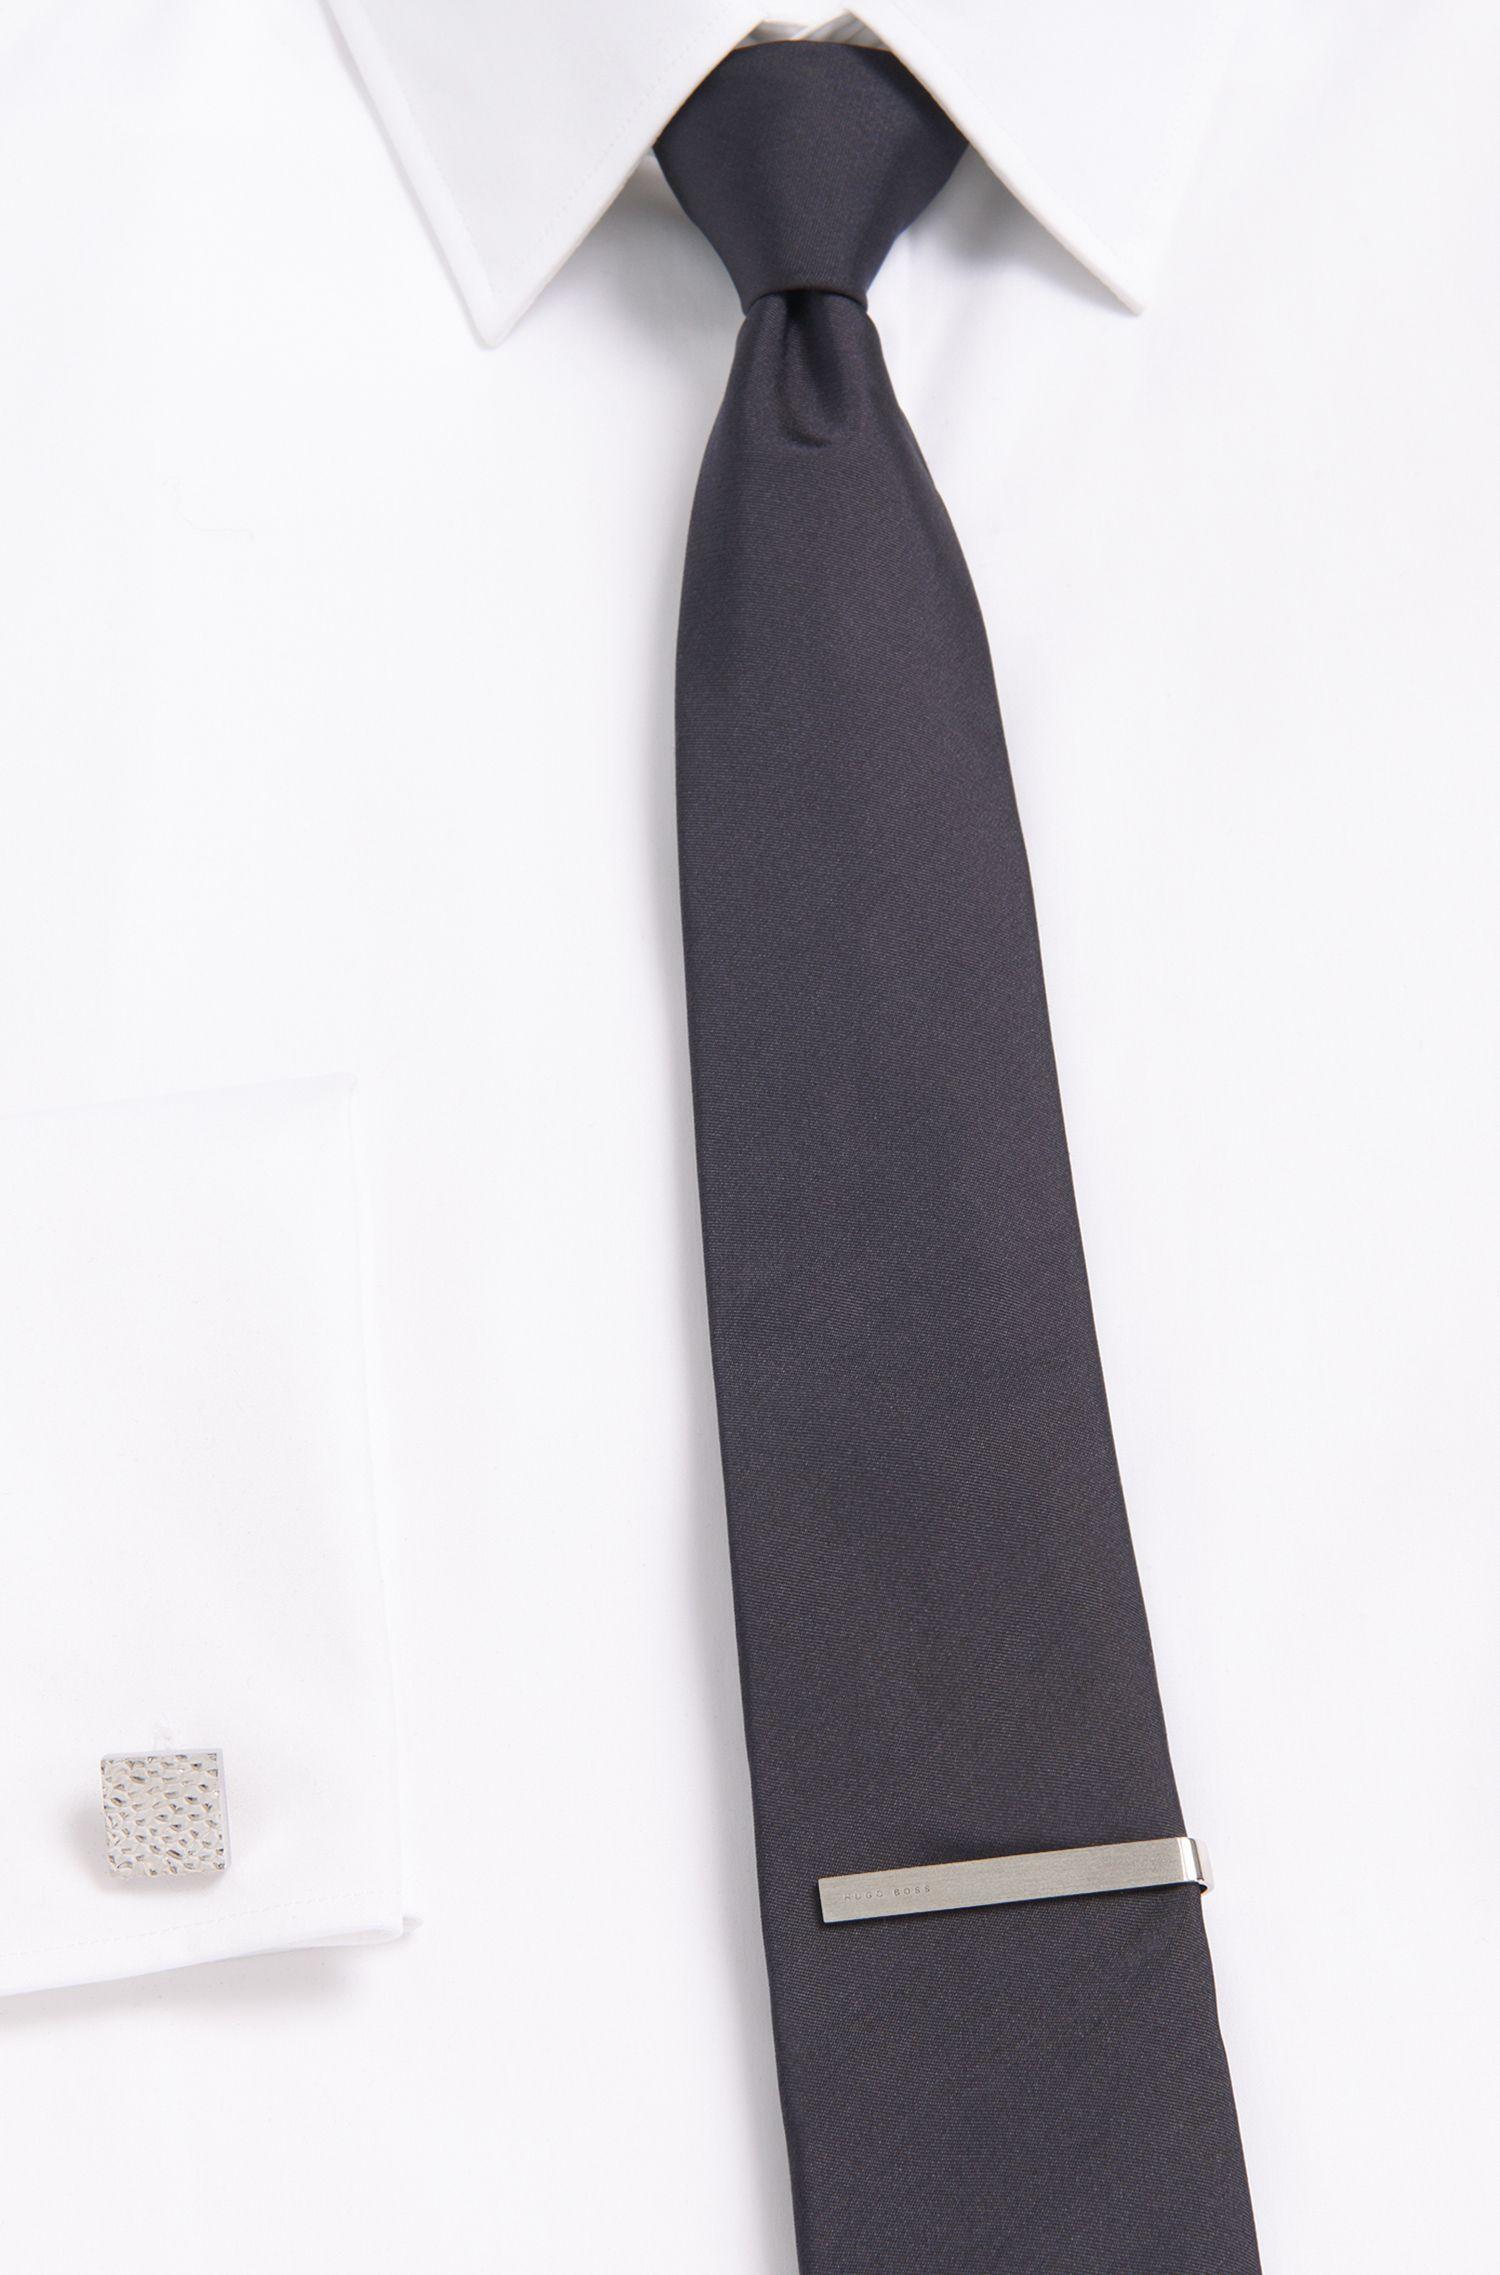 Épingle à cravate en bronze, finition brossée: «Tye»